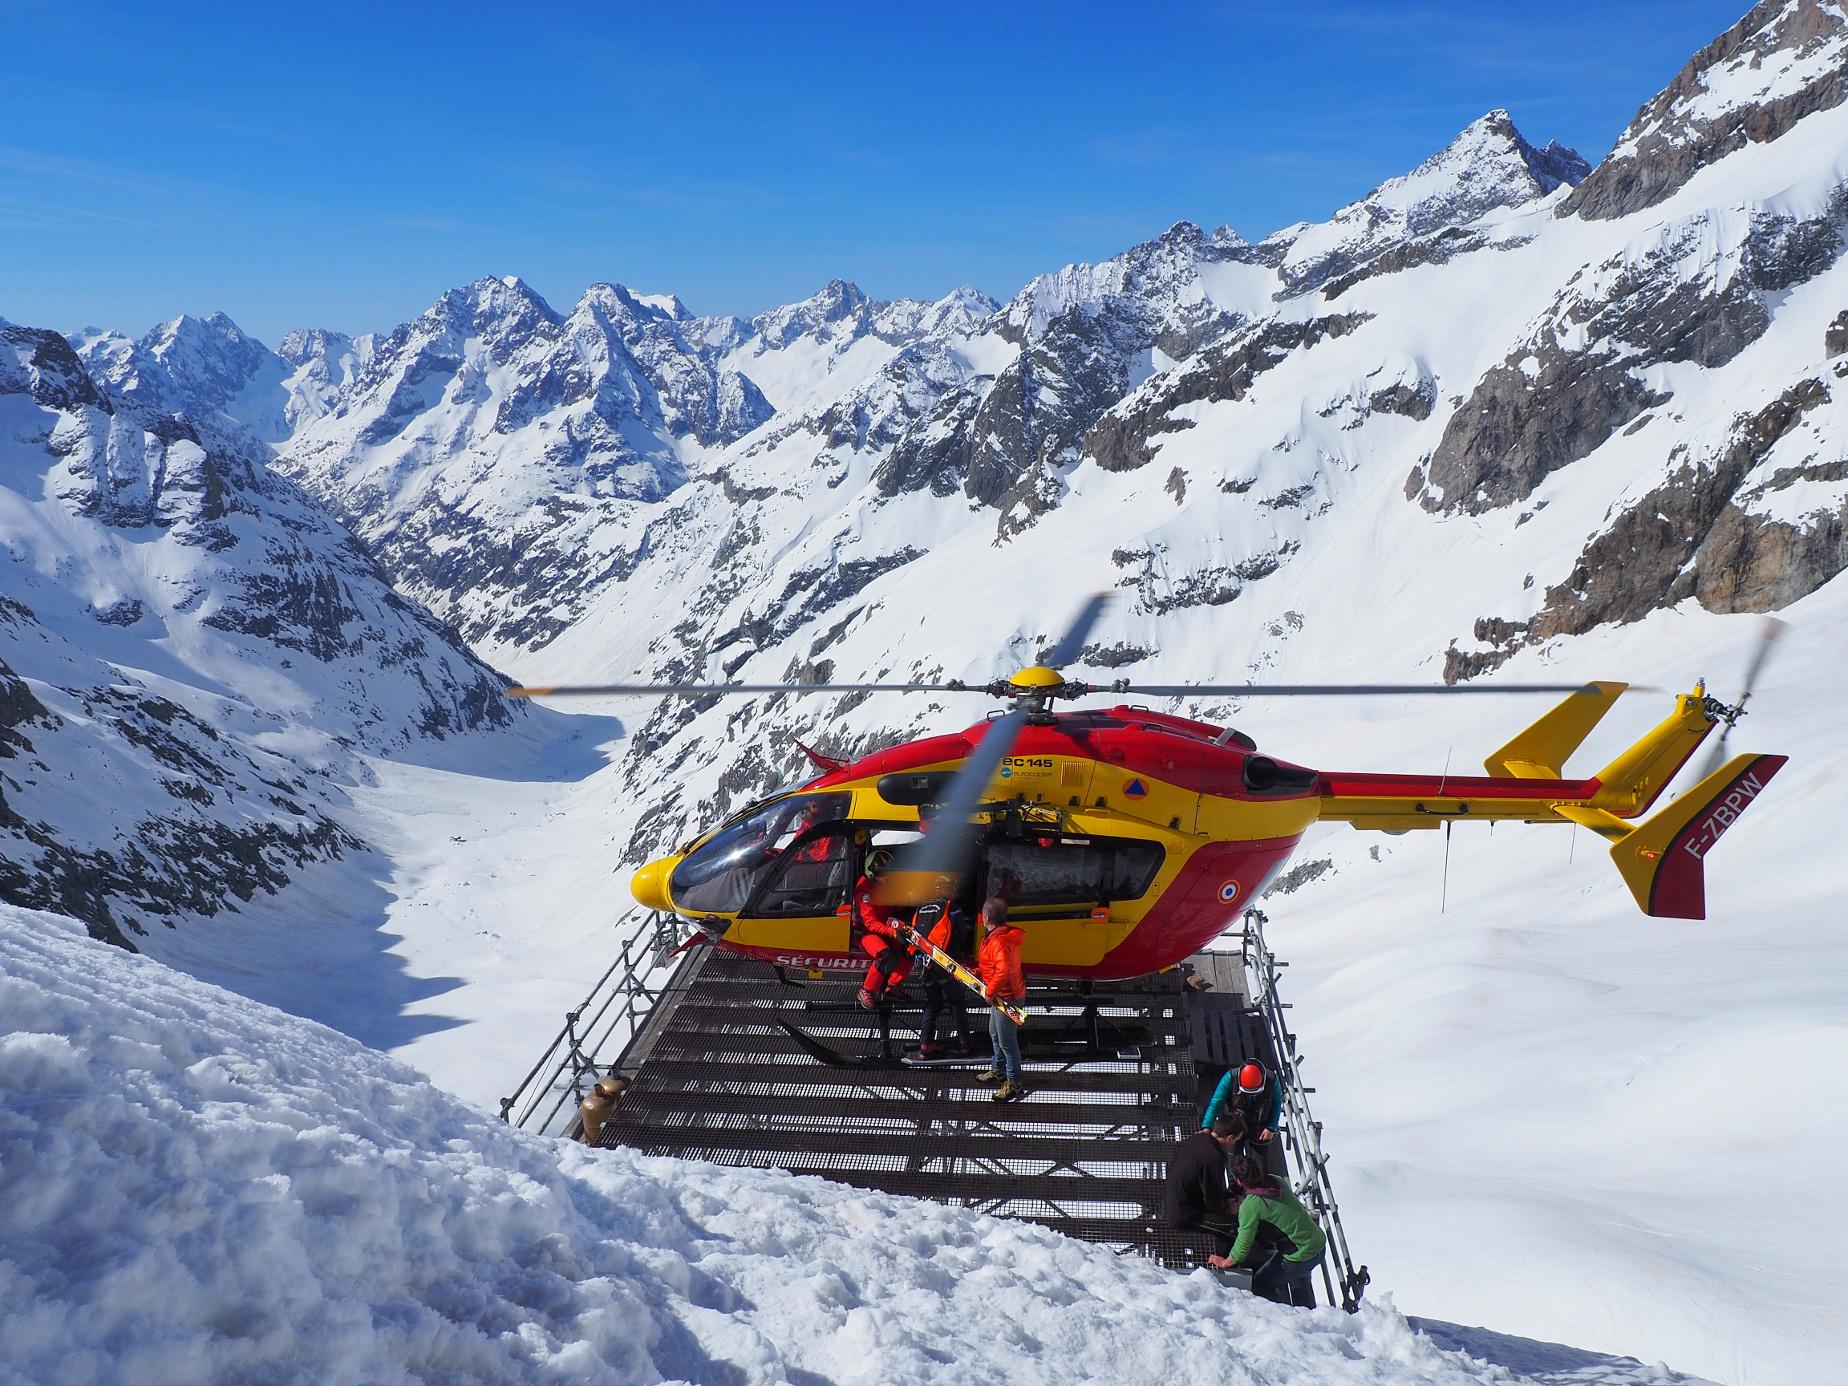 Un skieur s'est fait une luxation de la rotule et a sans doute touché ses ligaments croisés. Sur la DZ, médecin et secouristes accompagnent le bléssé pendant que nous rentrons dans l'hélico son sac et ses skis.